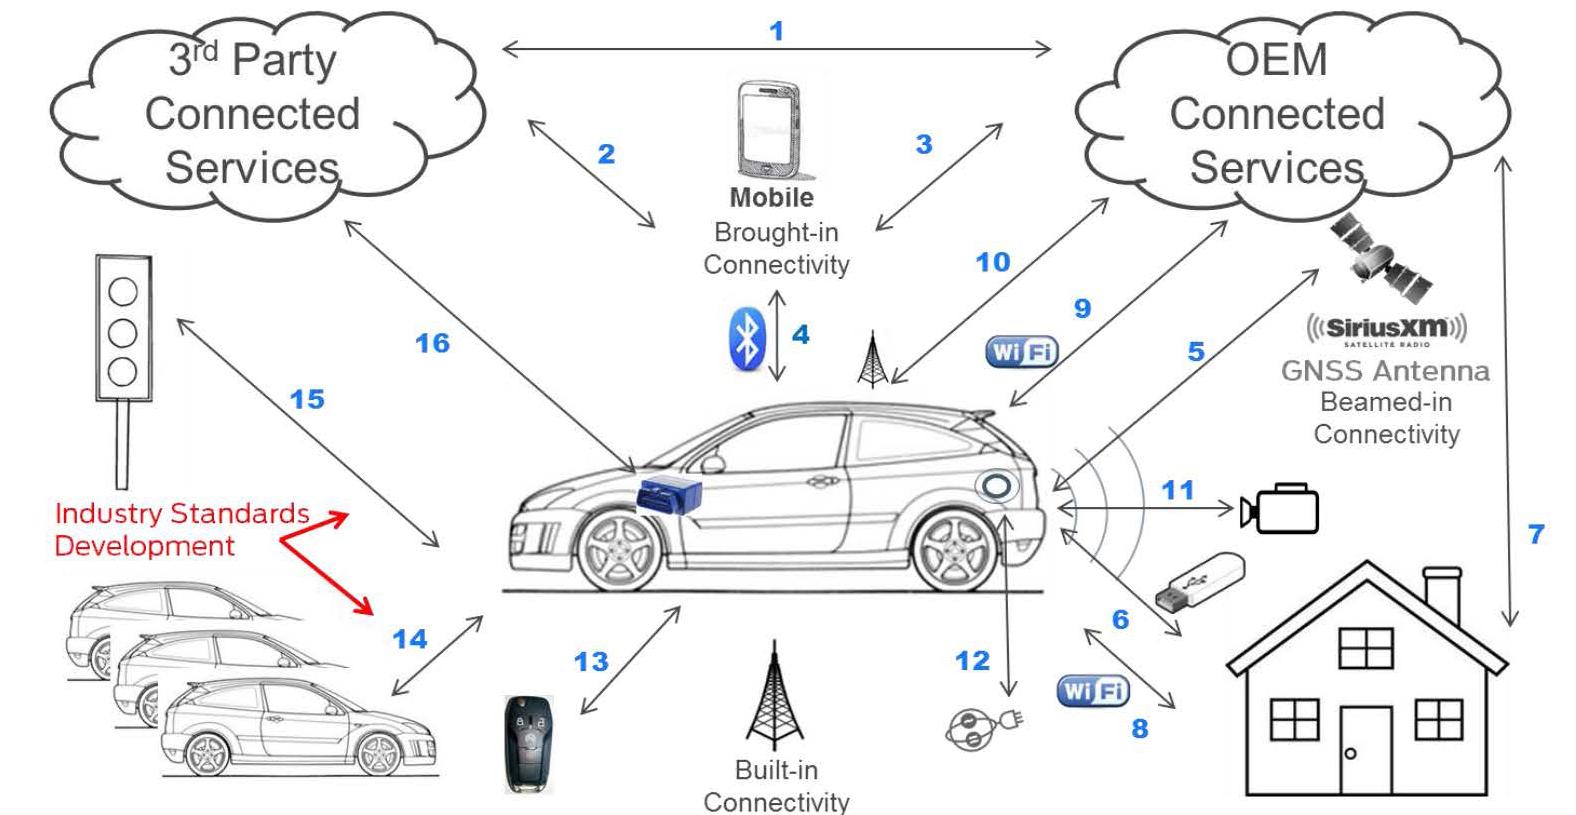 汽车互联可以给用户带来巨大便利,但同时也将汽车系统暴露在互联网所带来的负面风险之中,因此汽车生产商必须迅速采取措施,以确保车辆不会成为黑客攻击的受害者。SAE即将发布一份最佳做法(Best Practices) 建议,协助整车厂通过实施结构清晰的项目,以保证汽车在全生命周期中都可获得有效的保护。 SAE J3061推荐规程《信息物理汽车系统网络安全指南(Cybersecurity Guidebook for Cyber-Physical Vehicle Systems)》是首部针对汽车网络安全而制定的指导